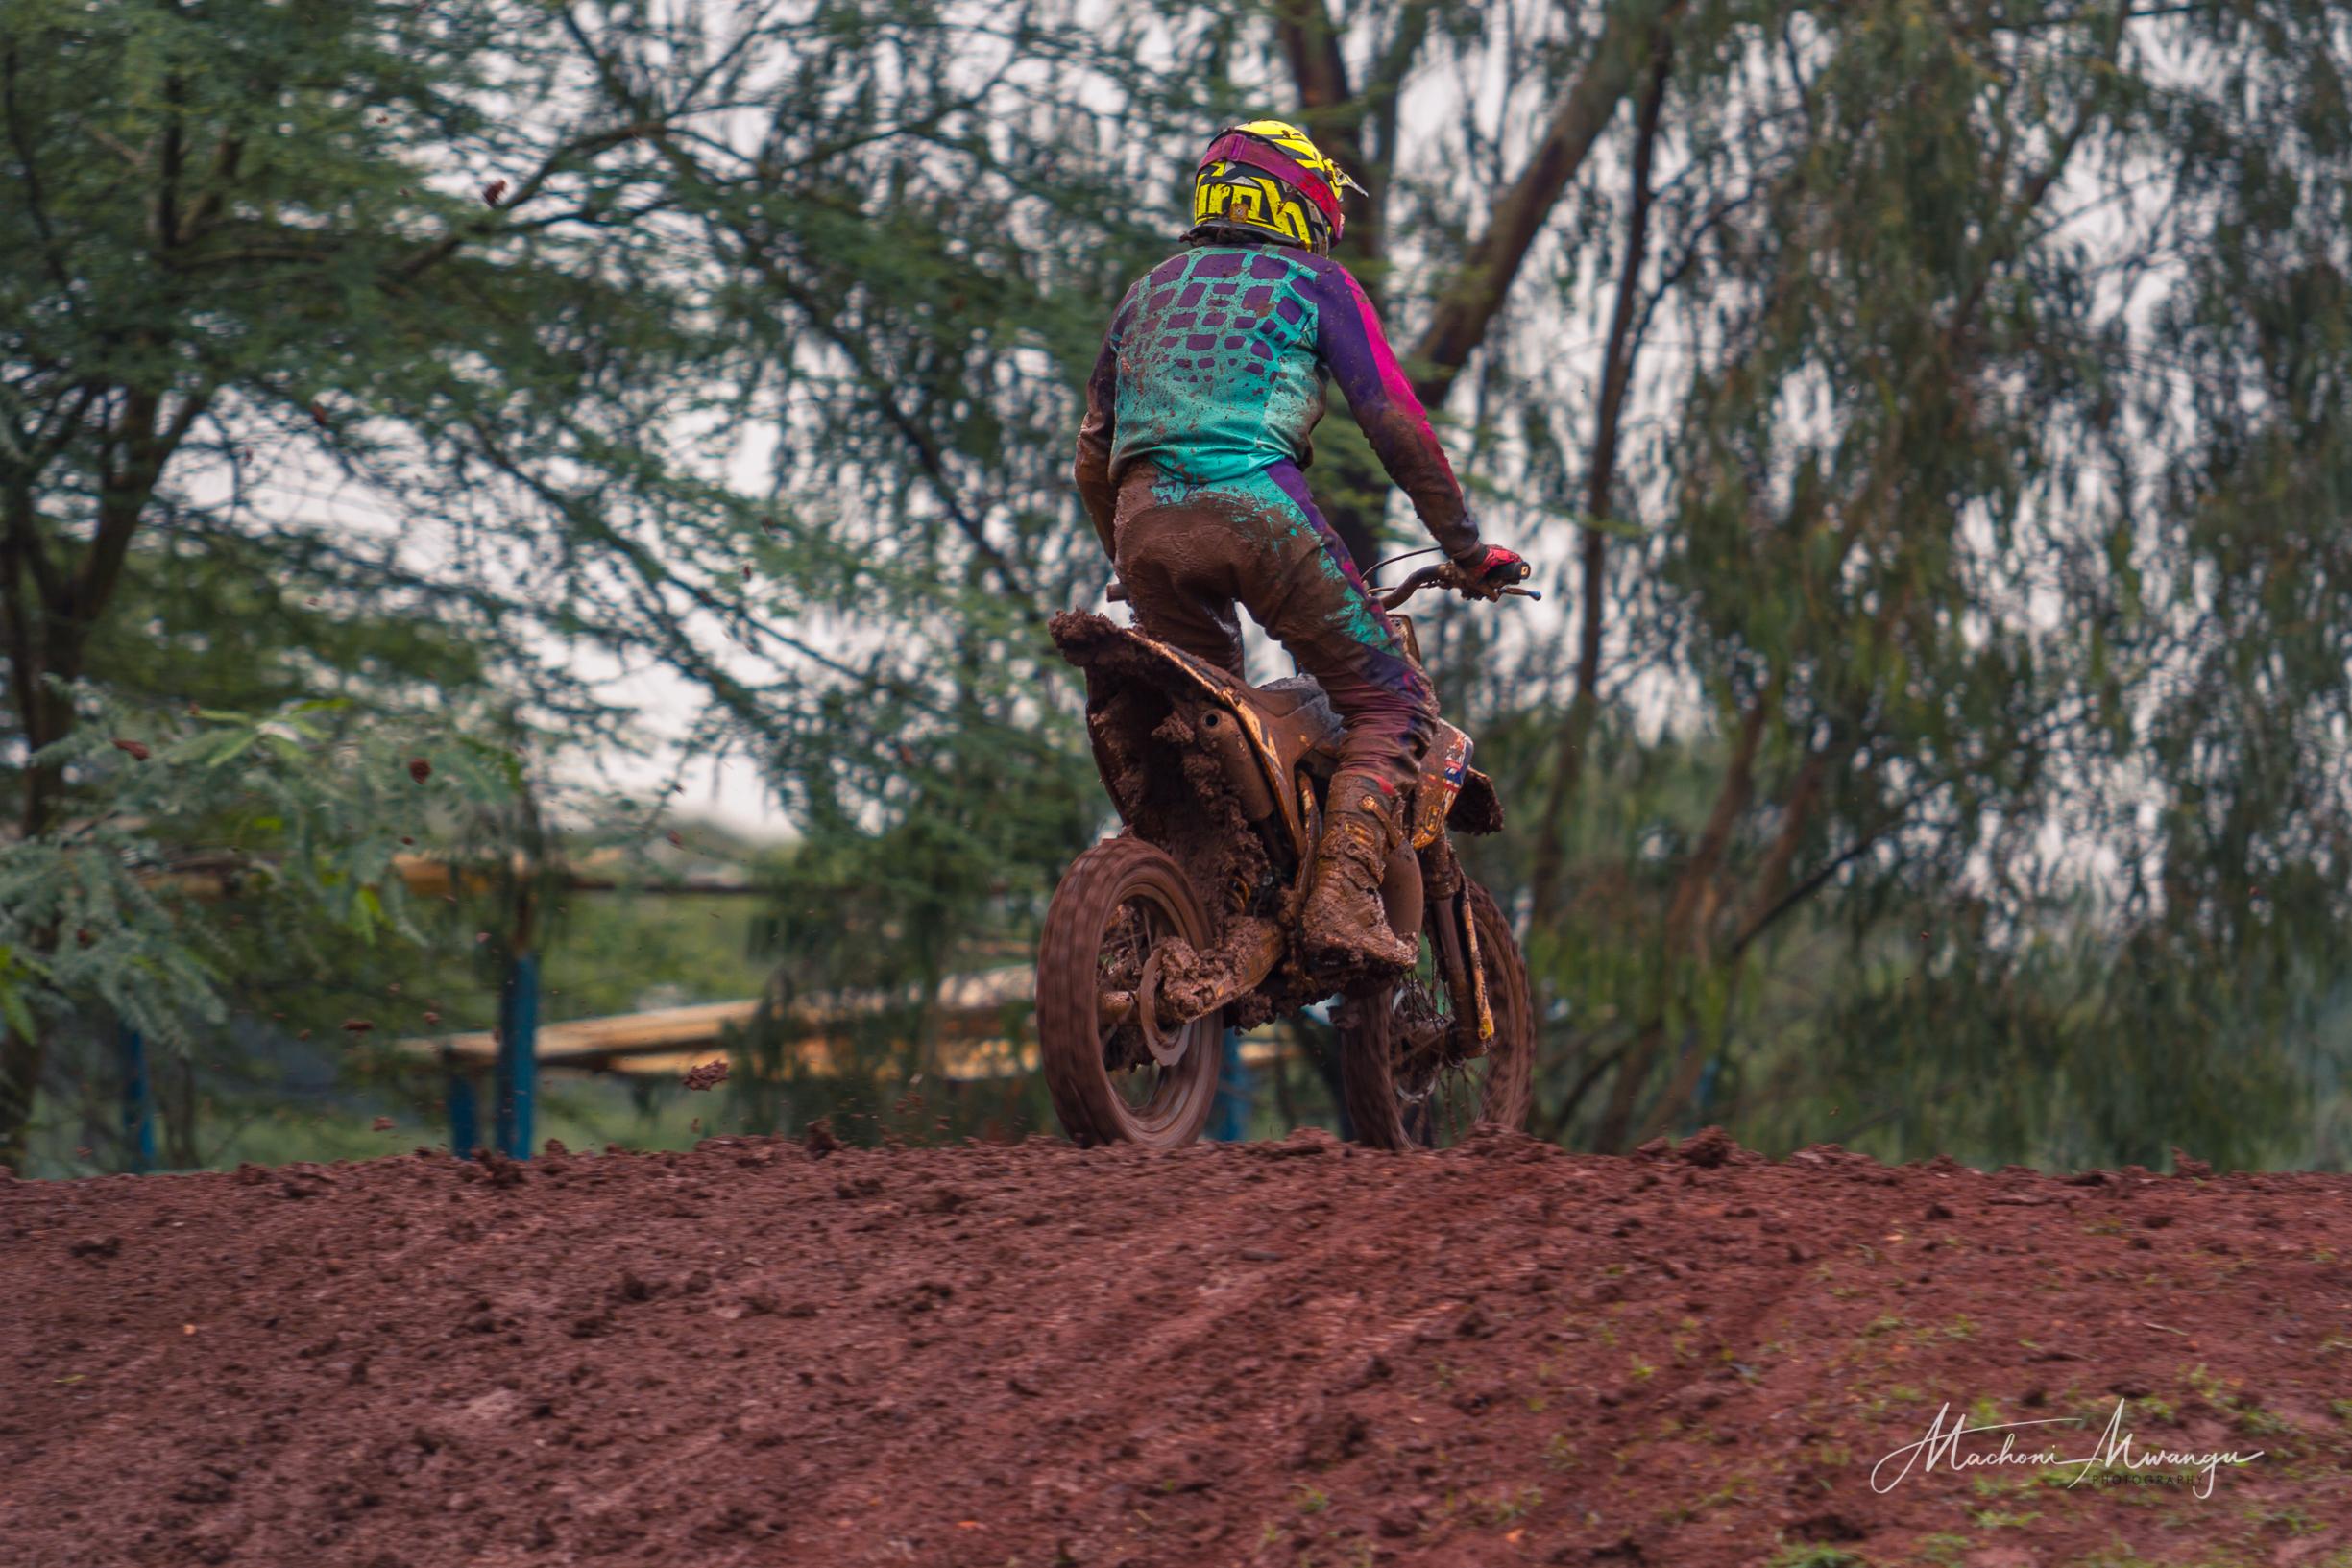 Motocross 76-1.jpg